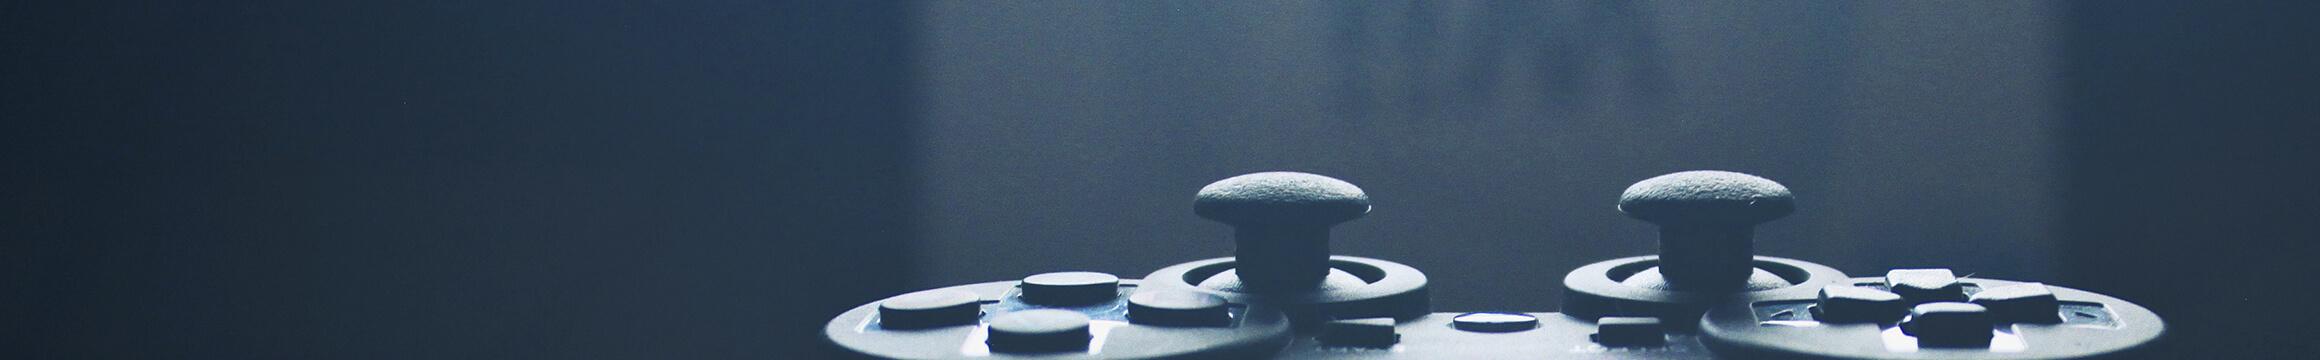 Video Gaming 04